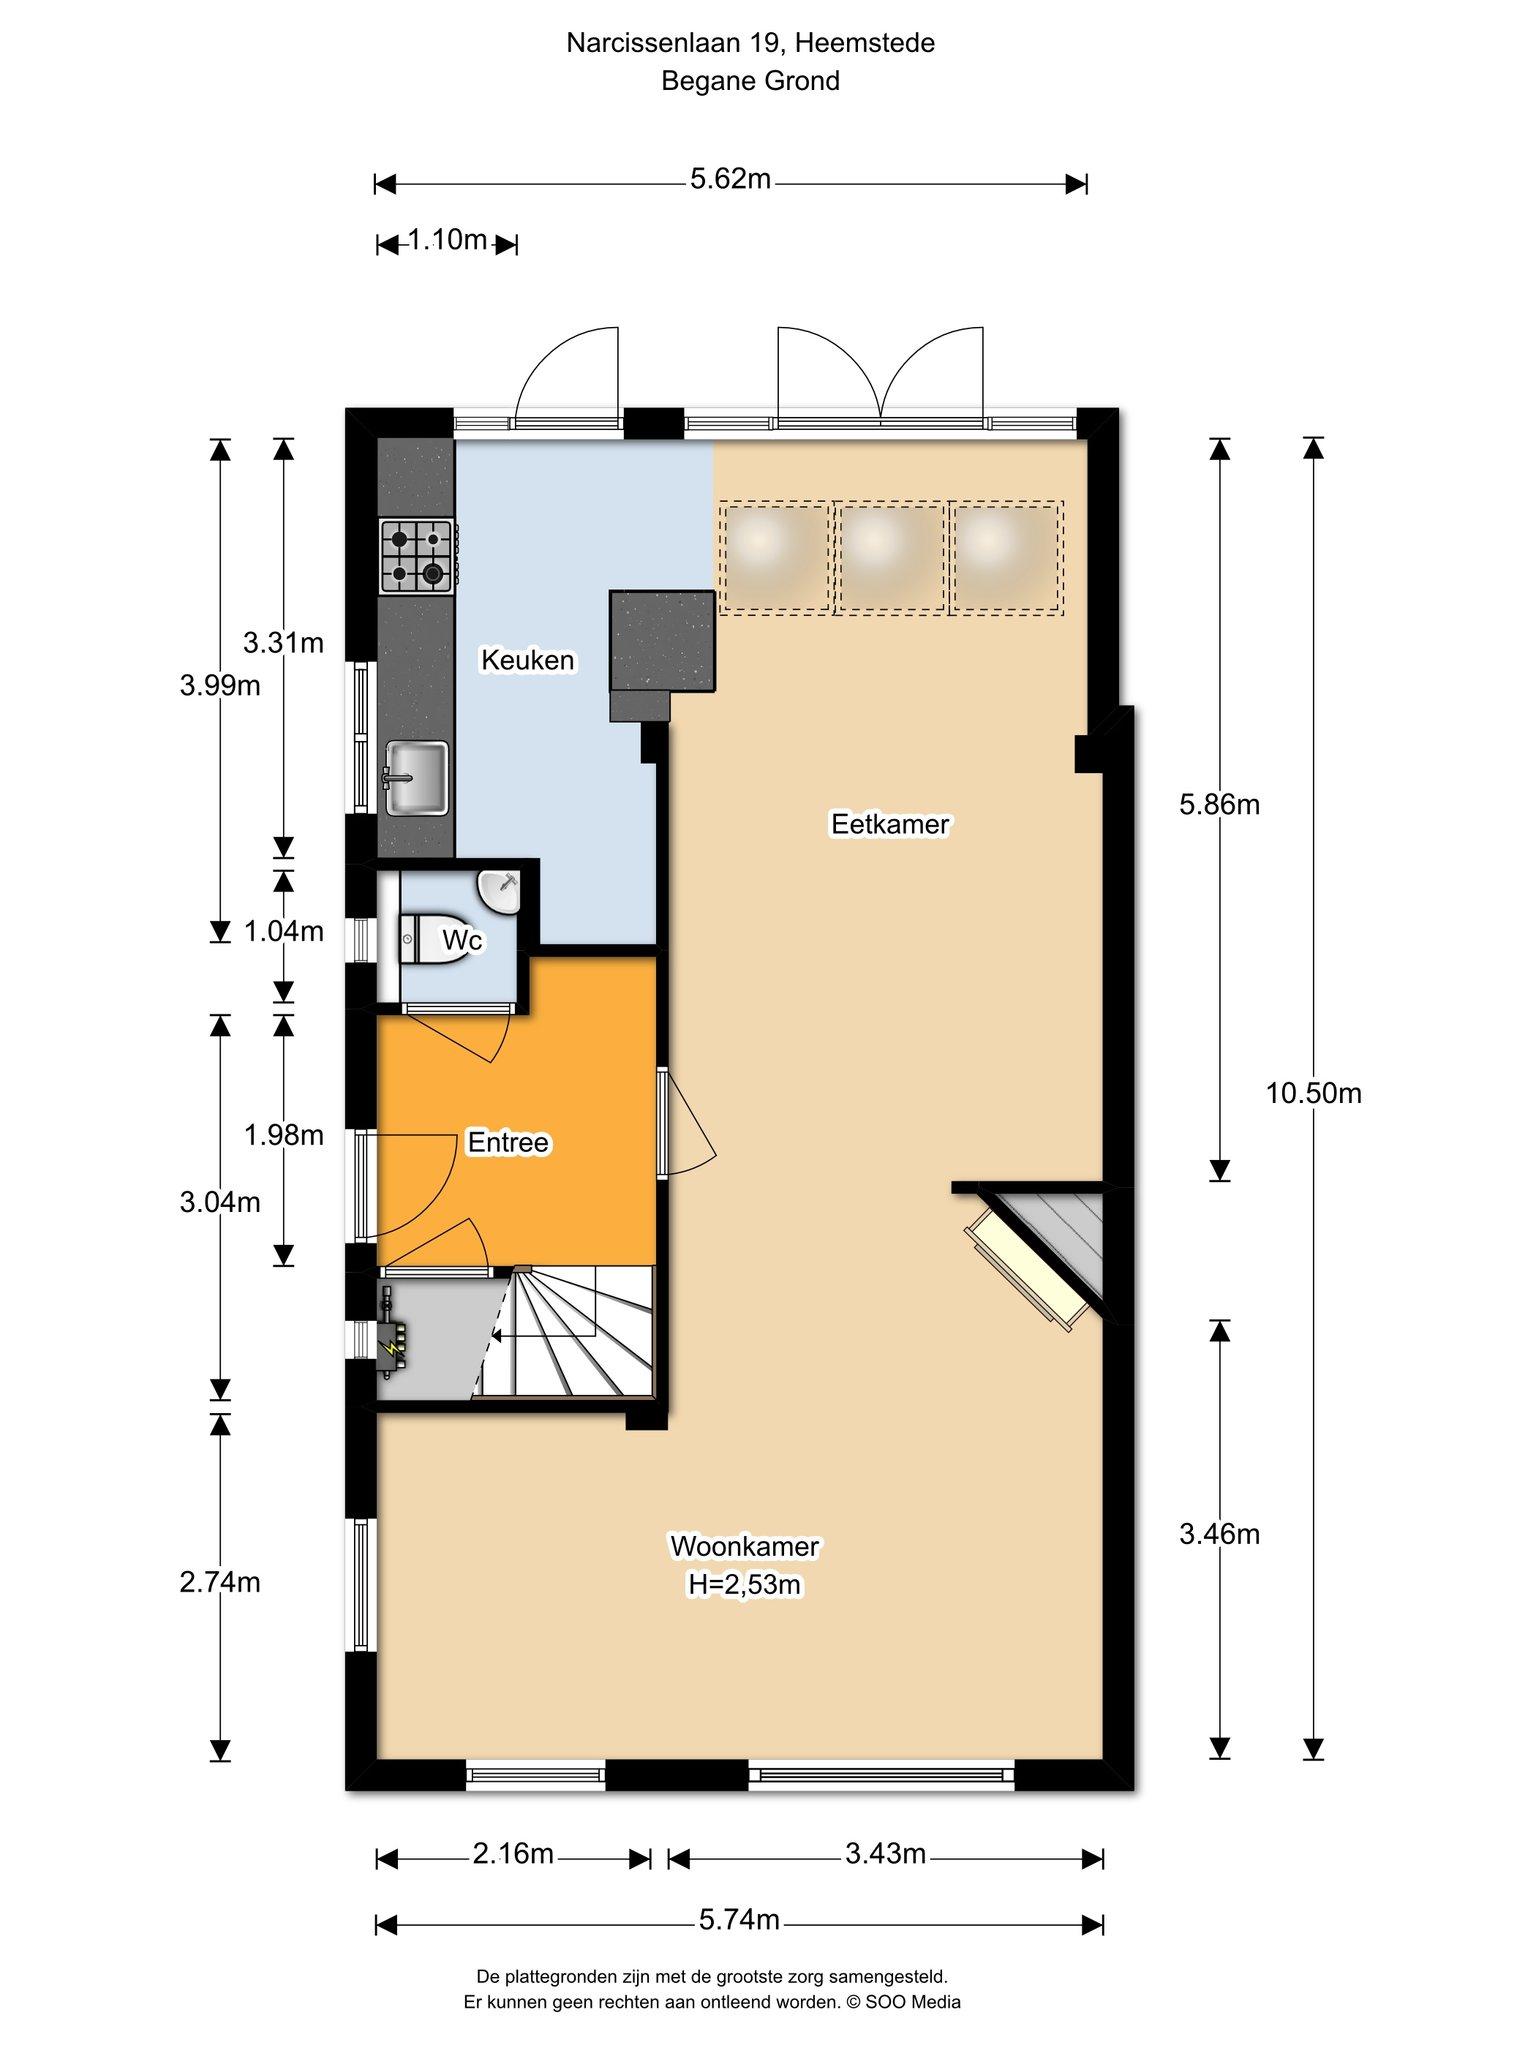 Te huur : Woonhuis Narcissenlaan 19 in Heemstede